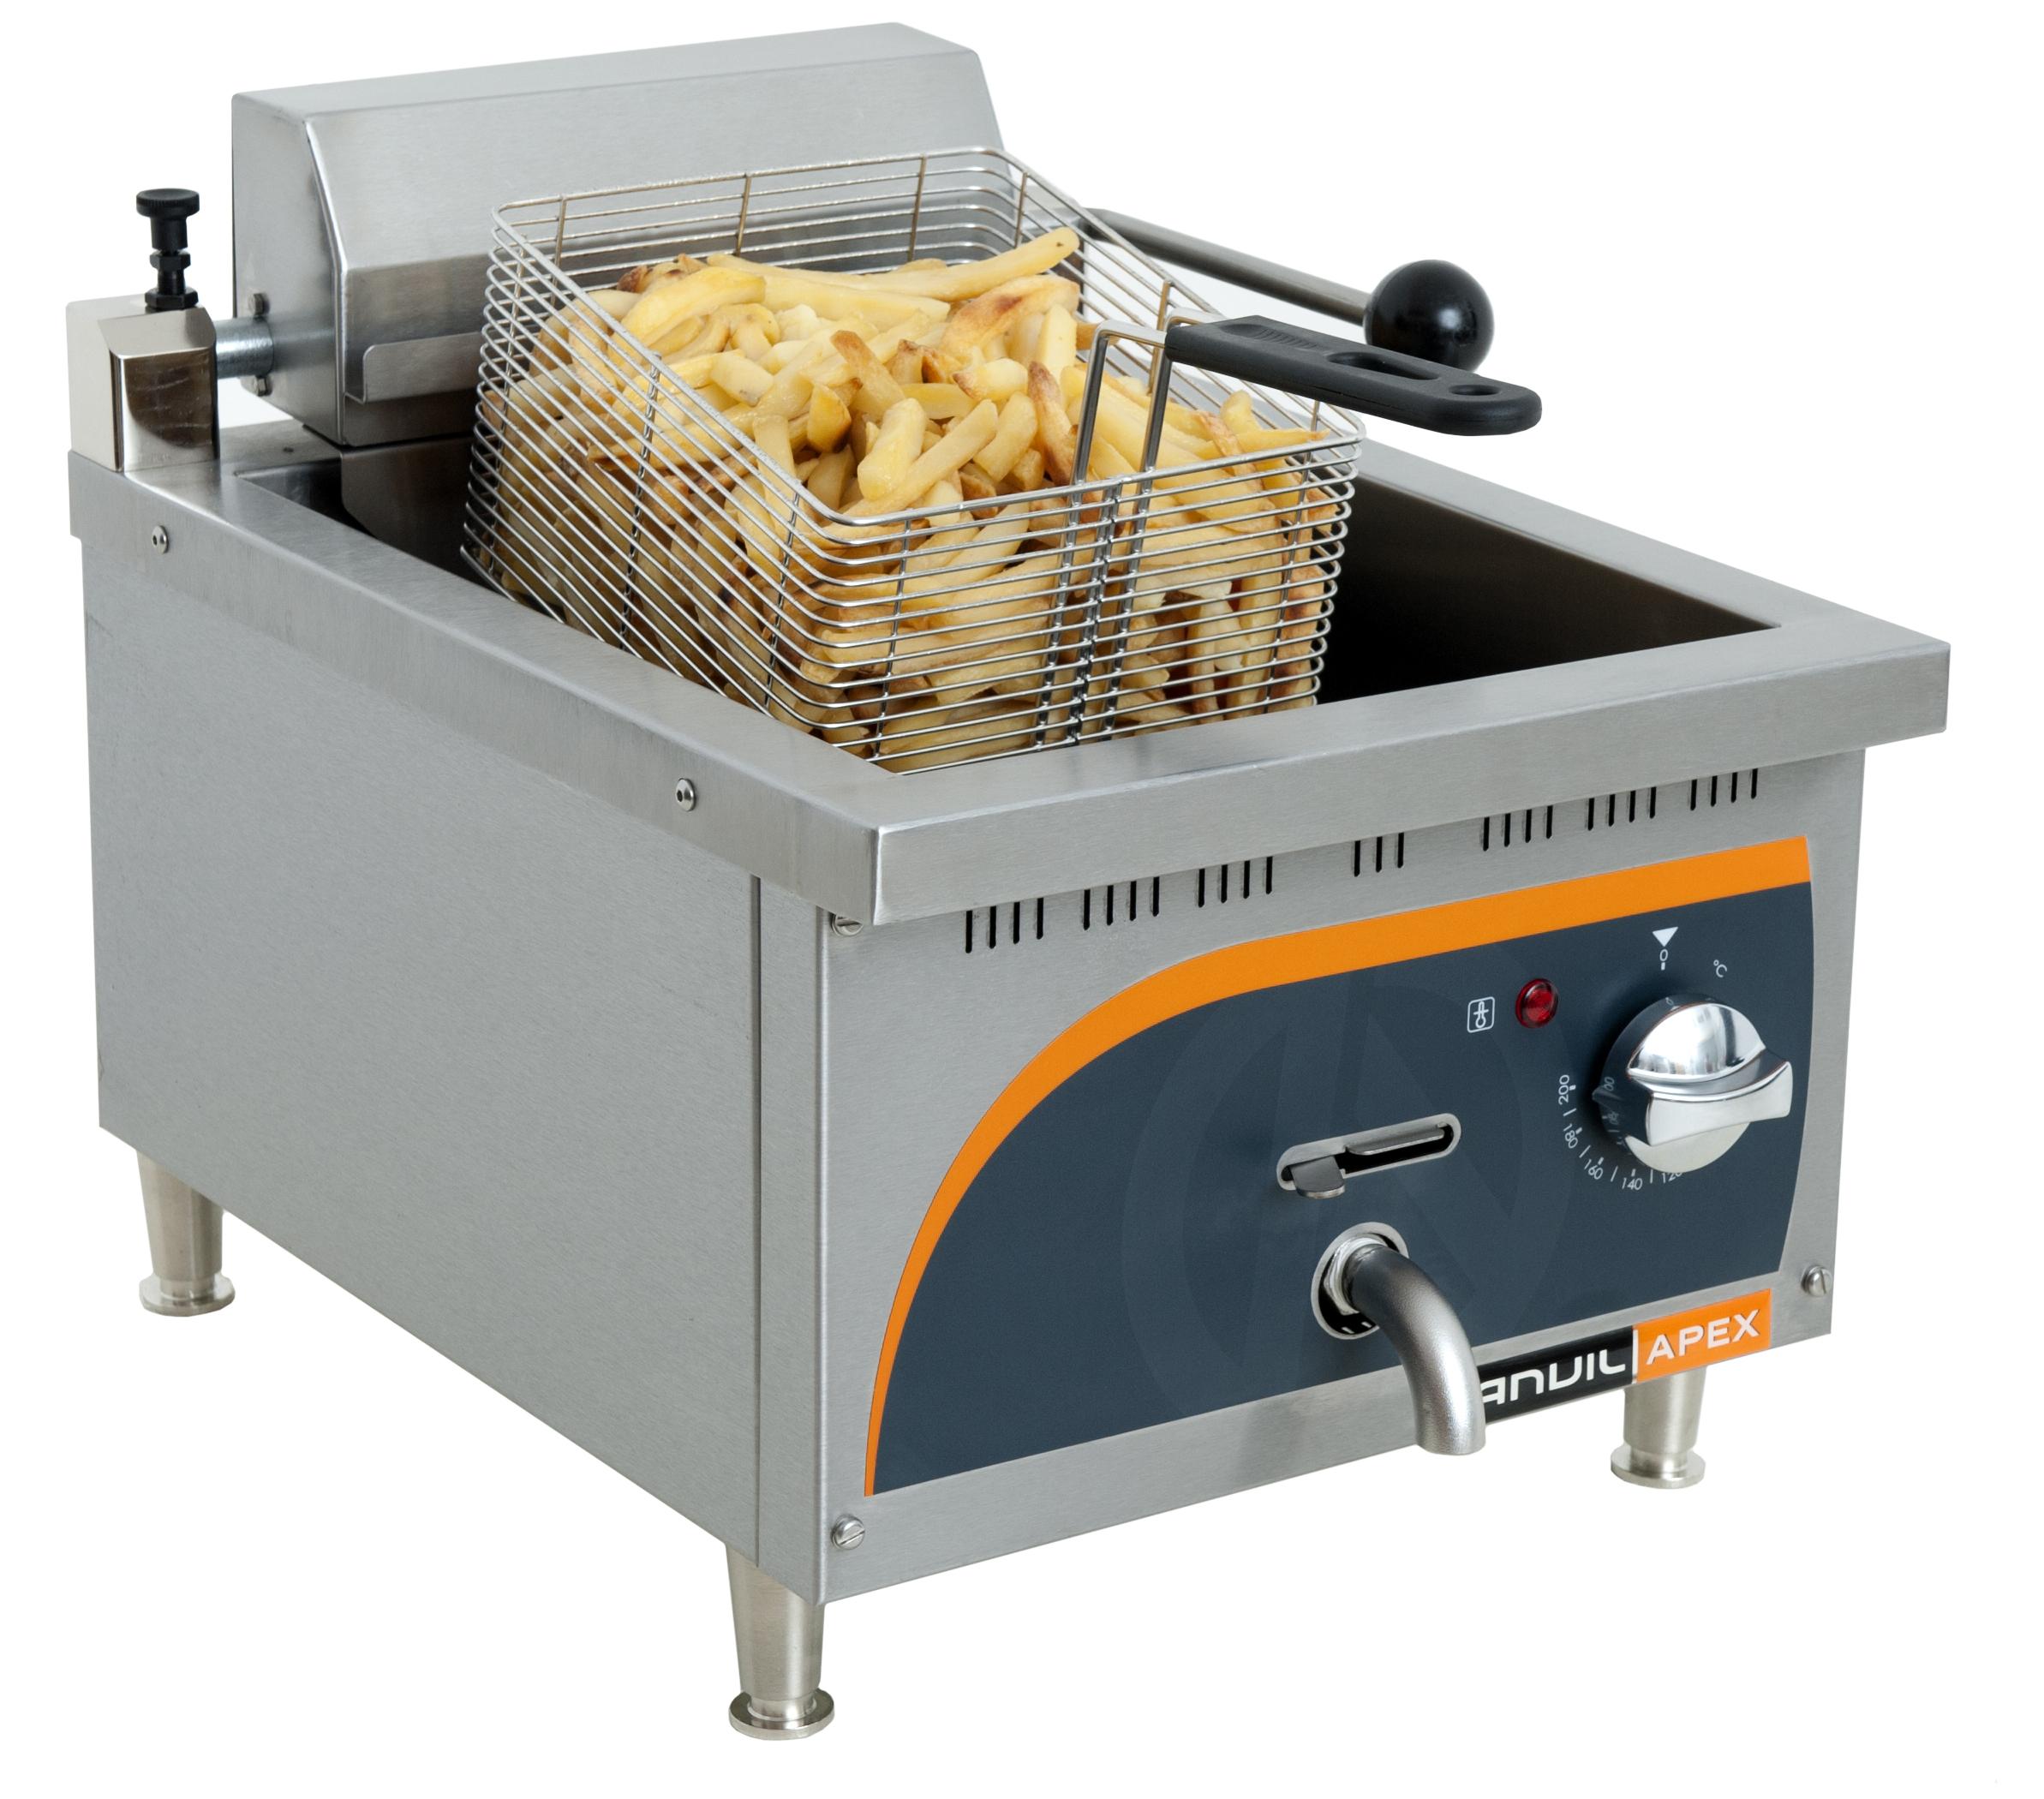 ffa6003--fish-fryer-anvil--1-x-10lt--high-speed--56kw-elec